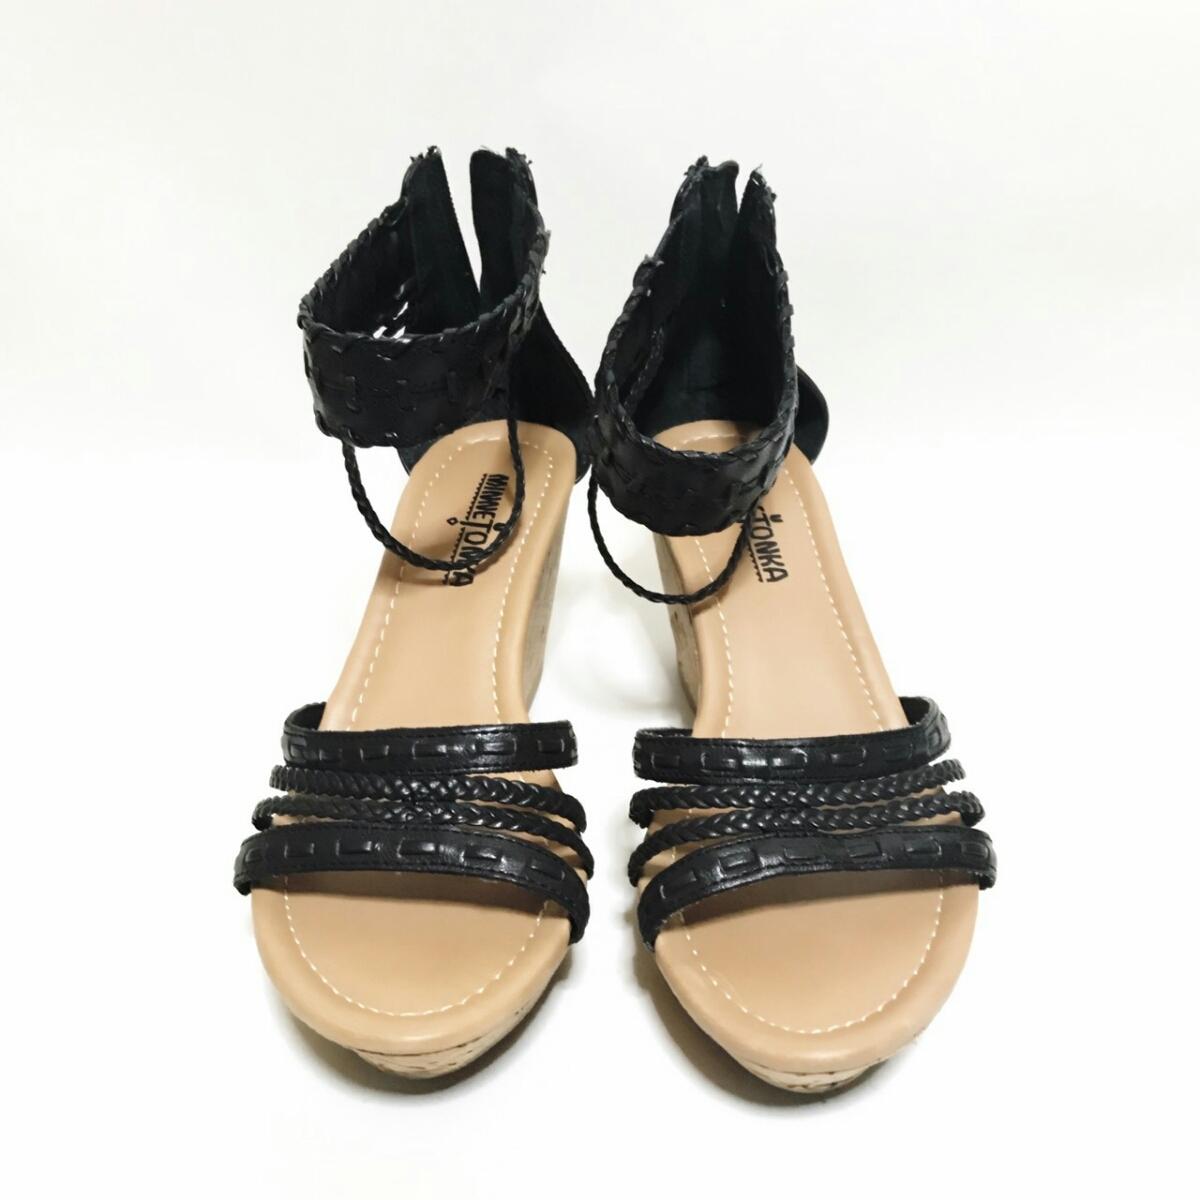 MINNE TONKA 23.5cmぐらい 3E レディース サンダル パンプス ブラック 黒 ミネトンカ 婦人 靴 くつ 中古 g001_画像2